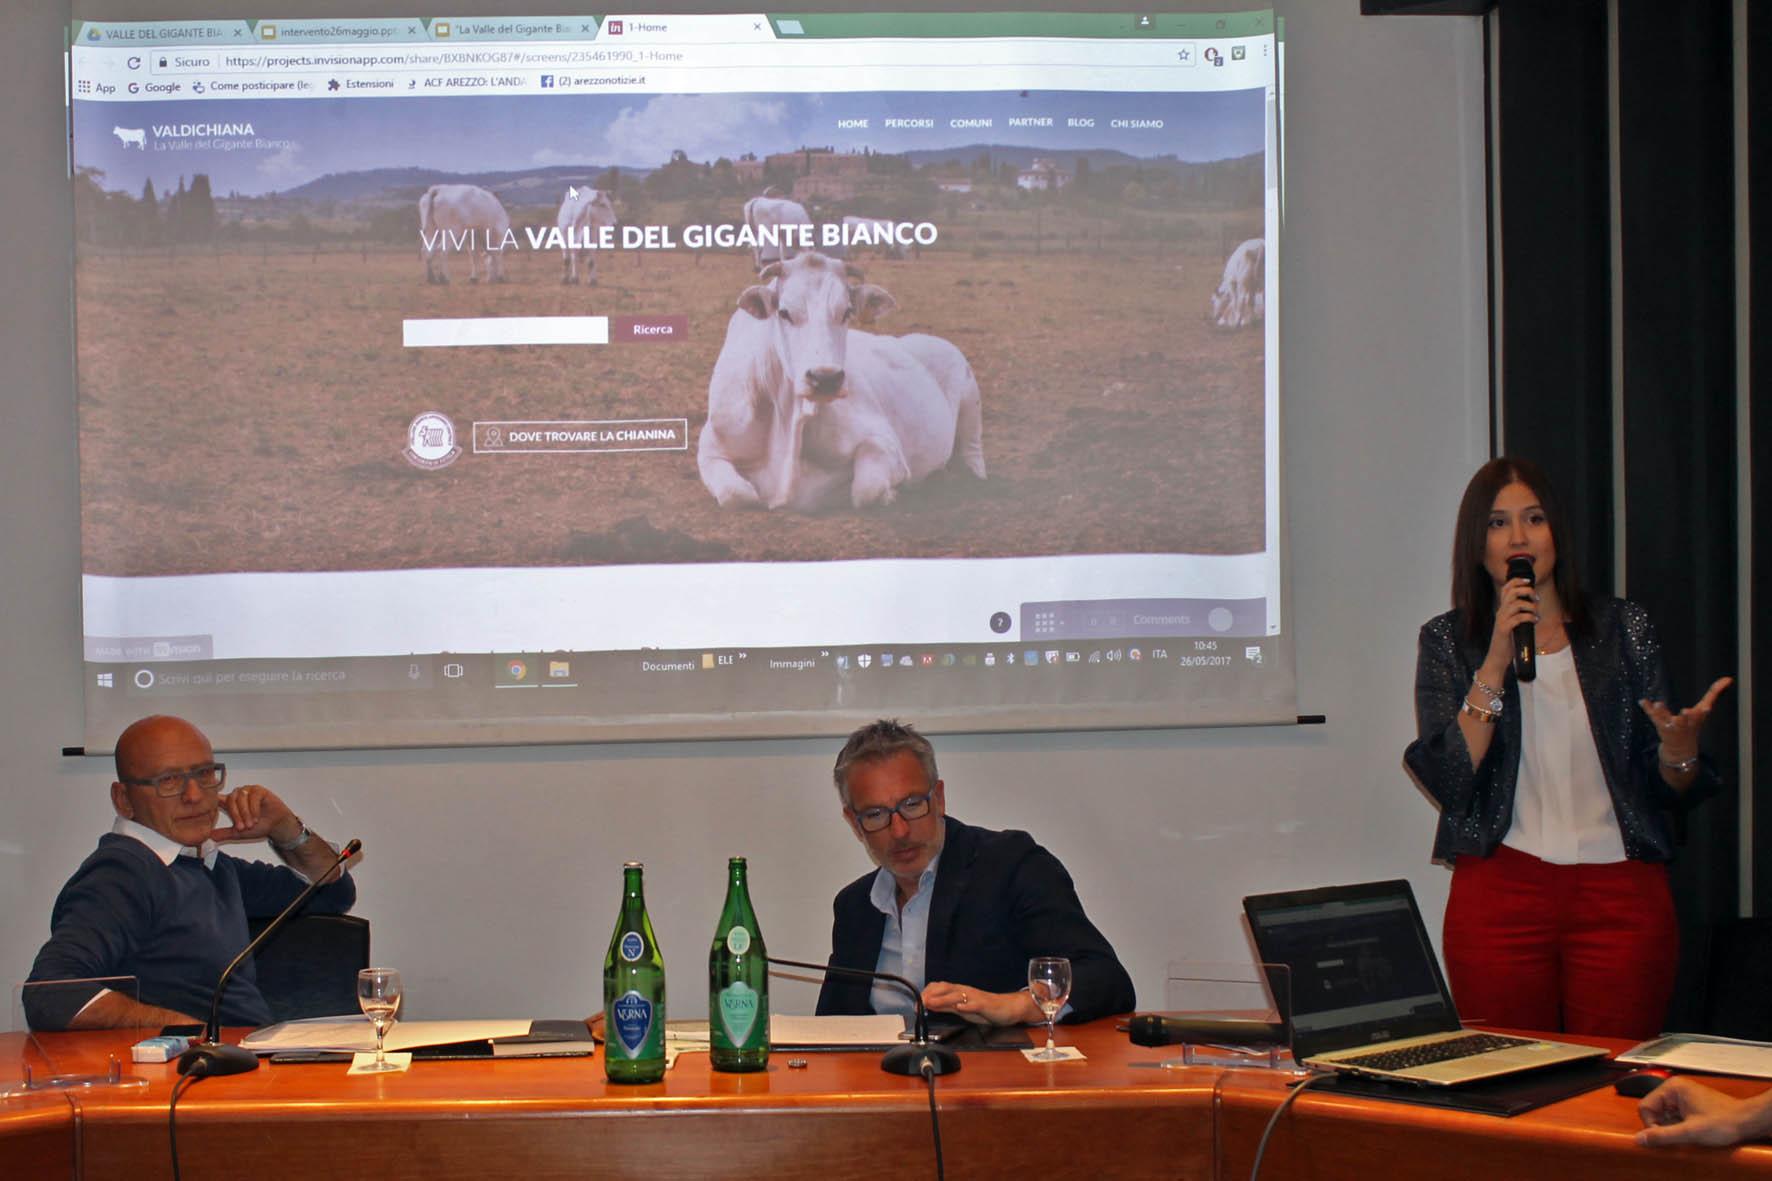 Un portale web per la promozione della Valdichiana e della Chianina